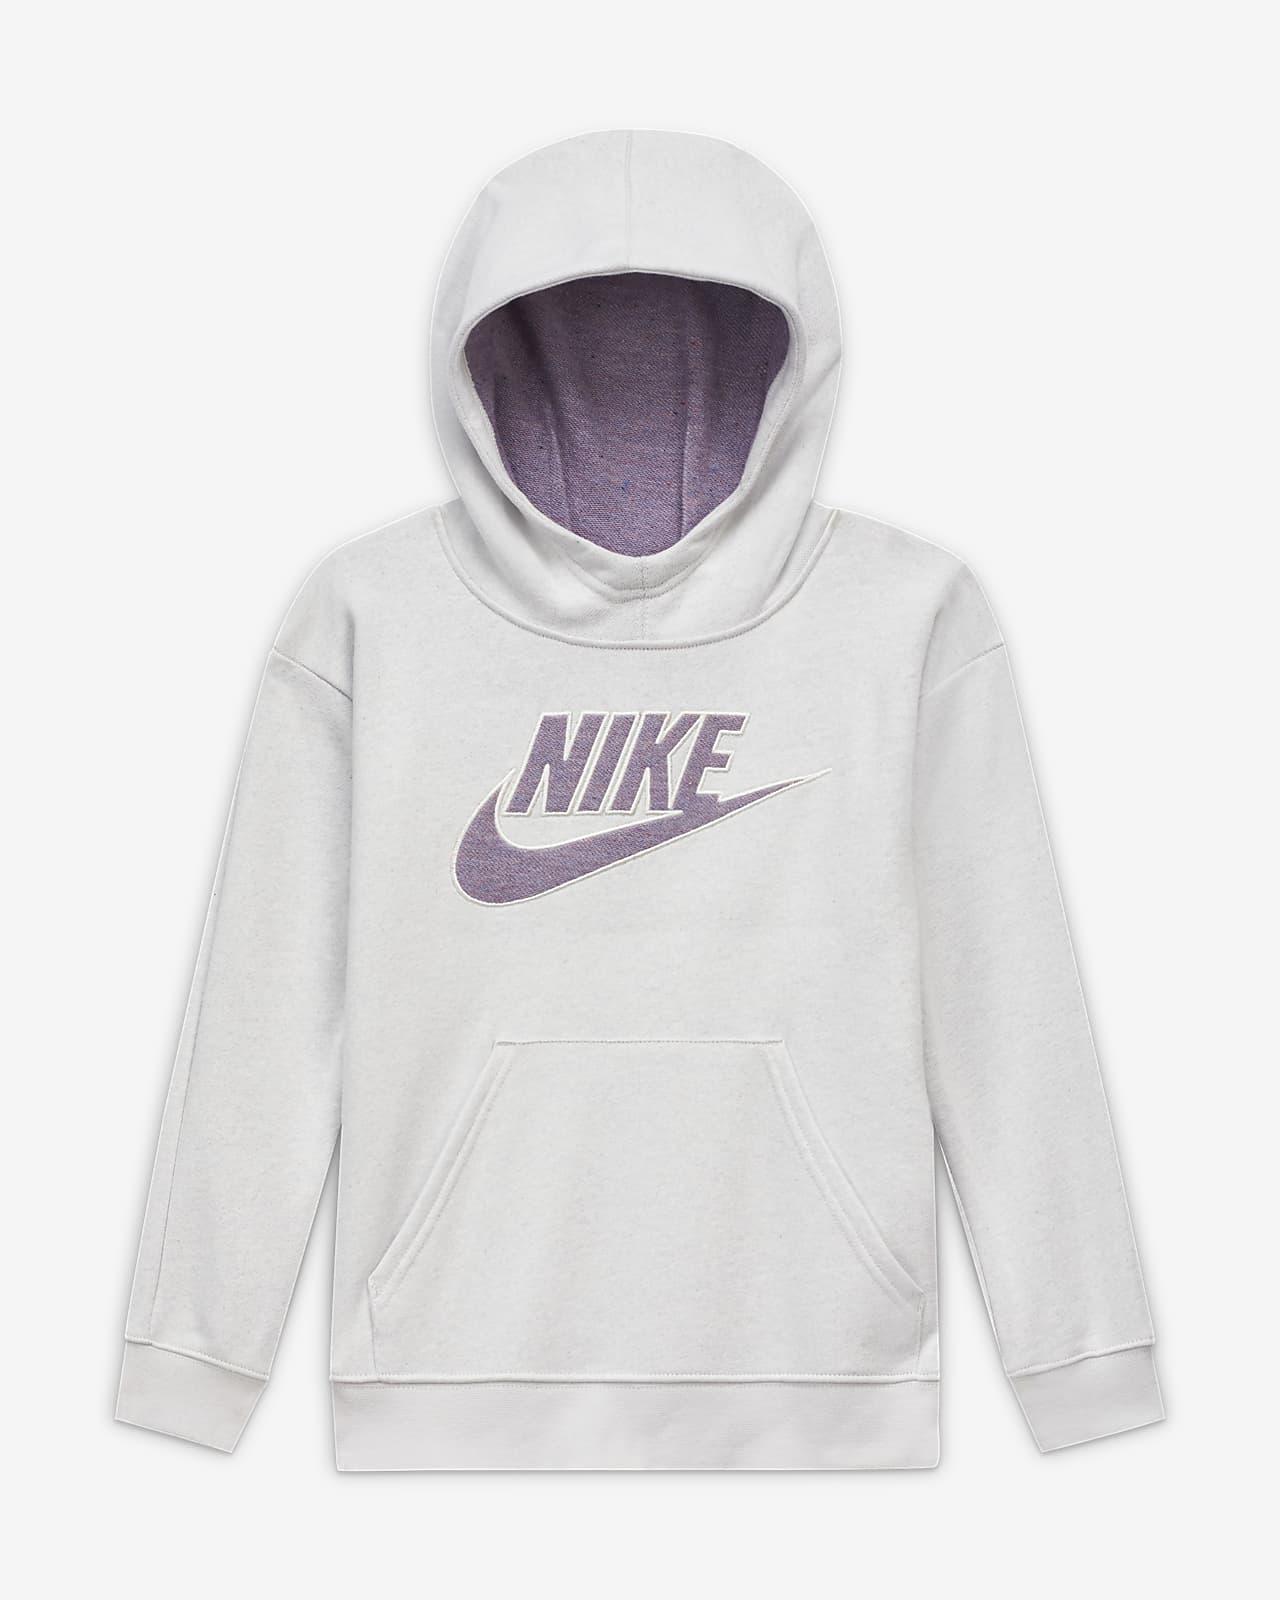 Nike Little Kids' Hoodie